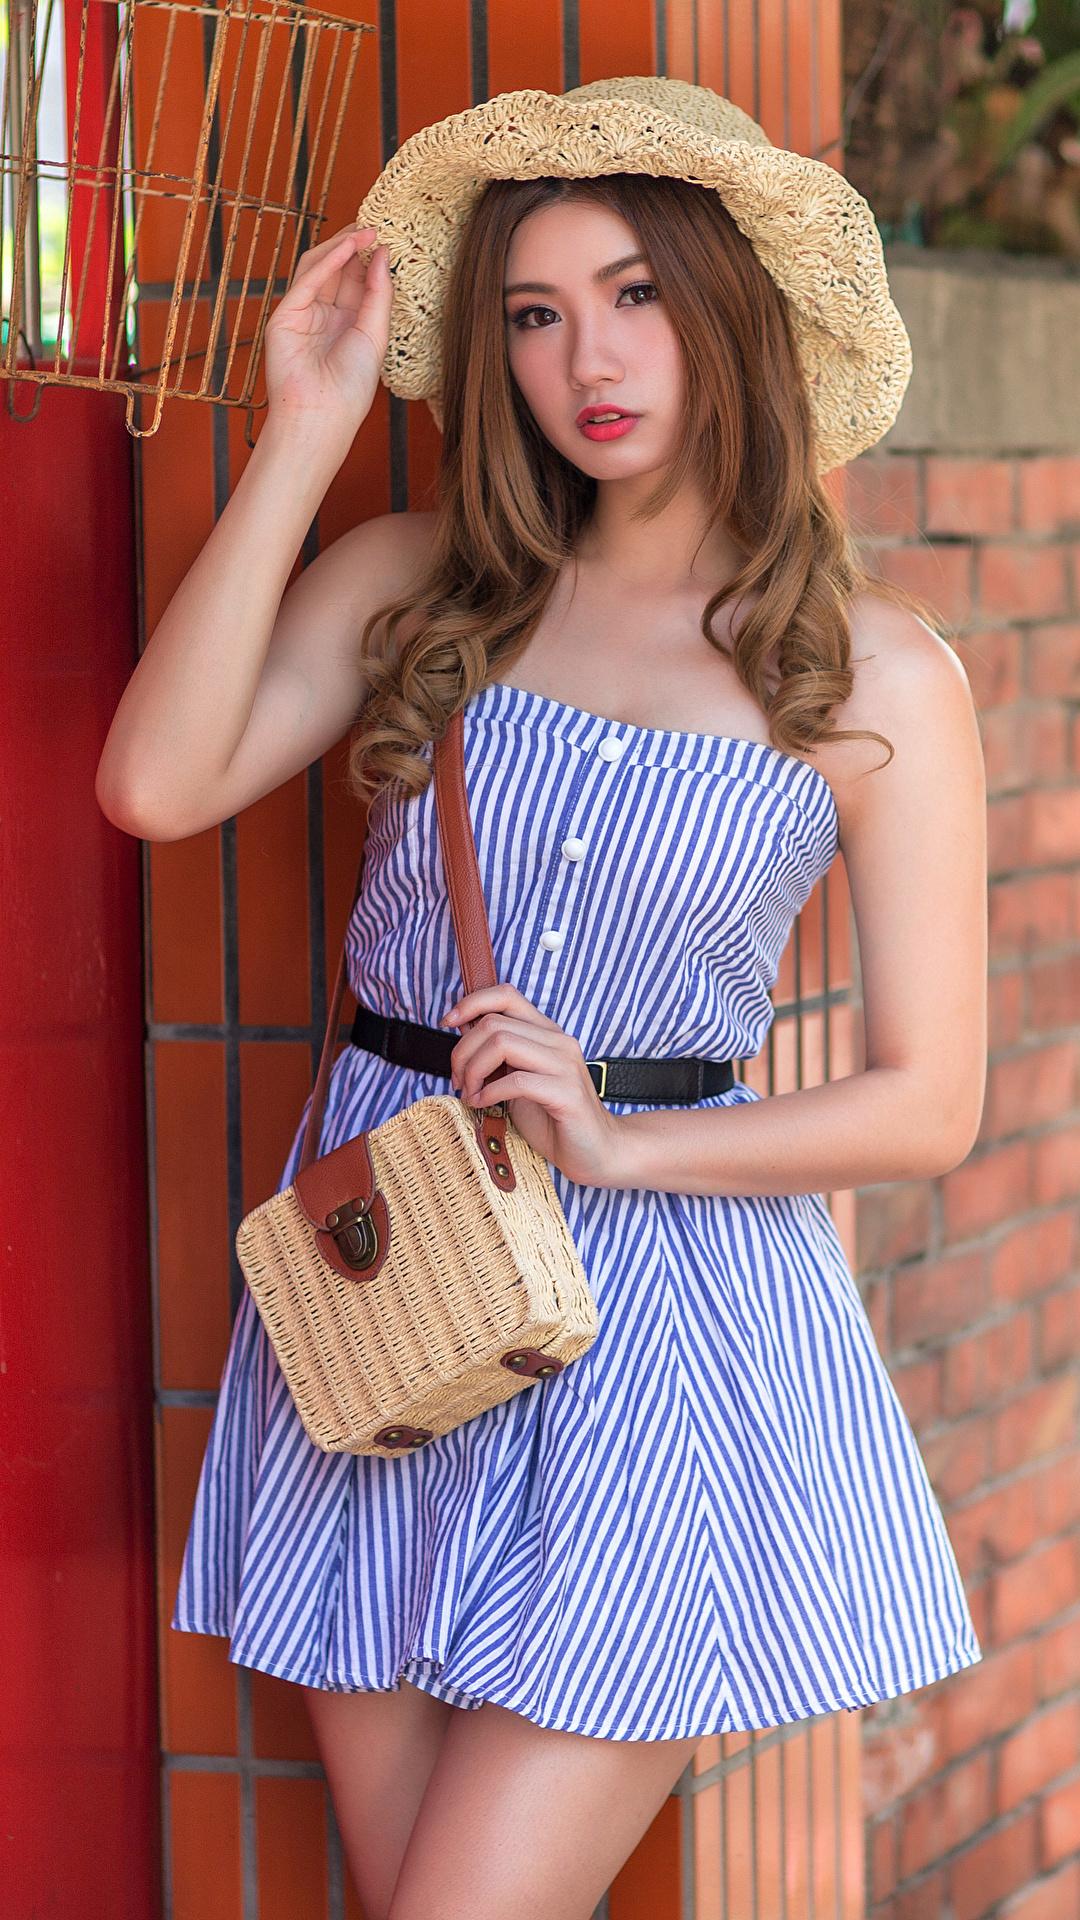 Foto Bokeh posiert Der Hut Mädchens Asiatische Handtasche Starren Kleid 1080x1920 für Handy unscharfer Hintergrund Pose junge frau junge Frauen Asiaten asiatisches Blick